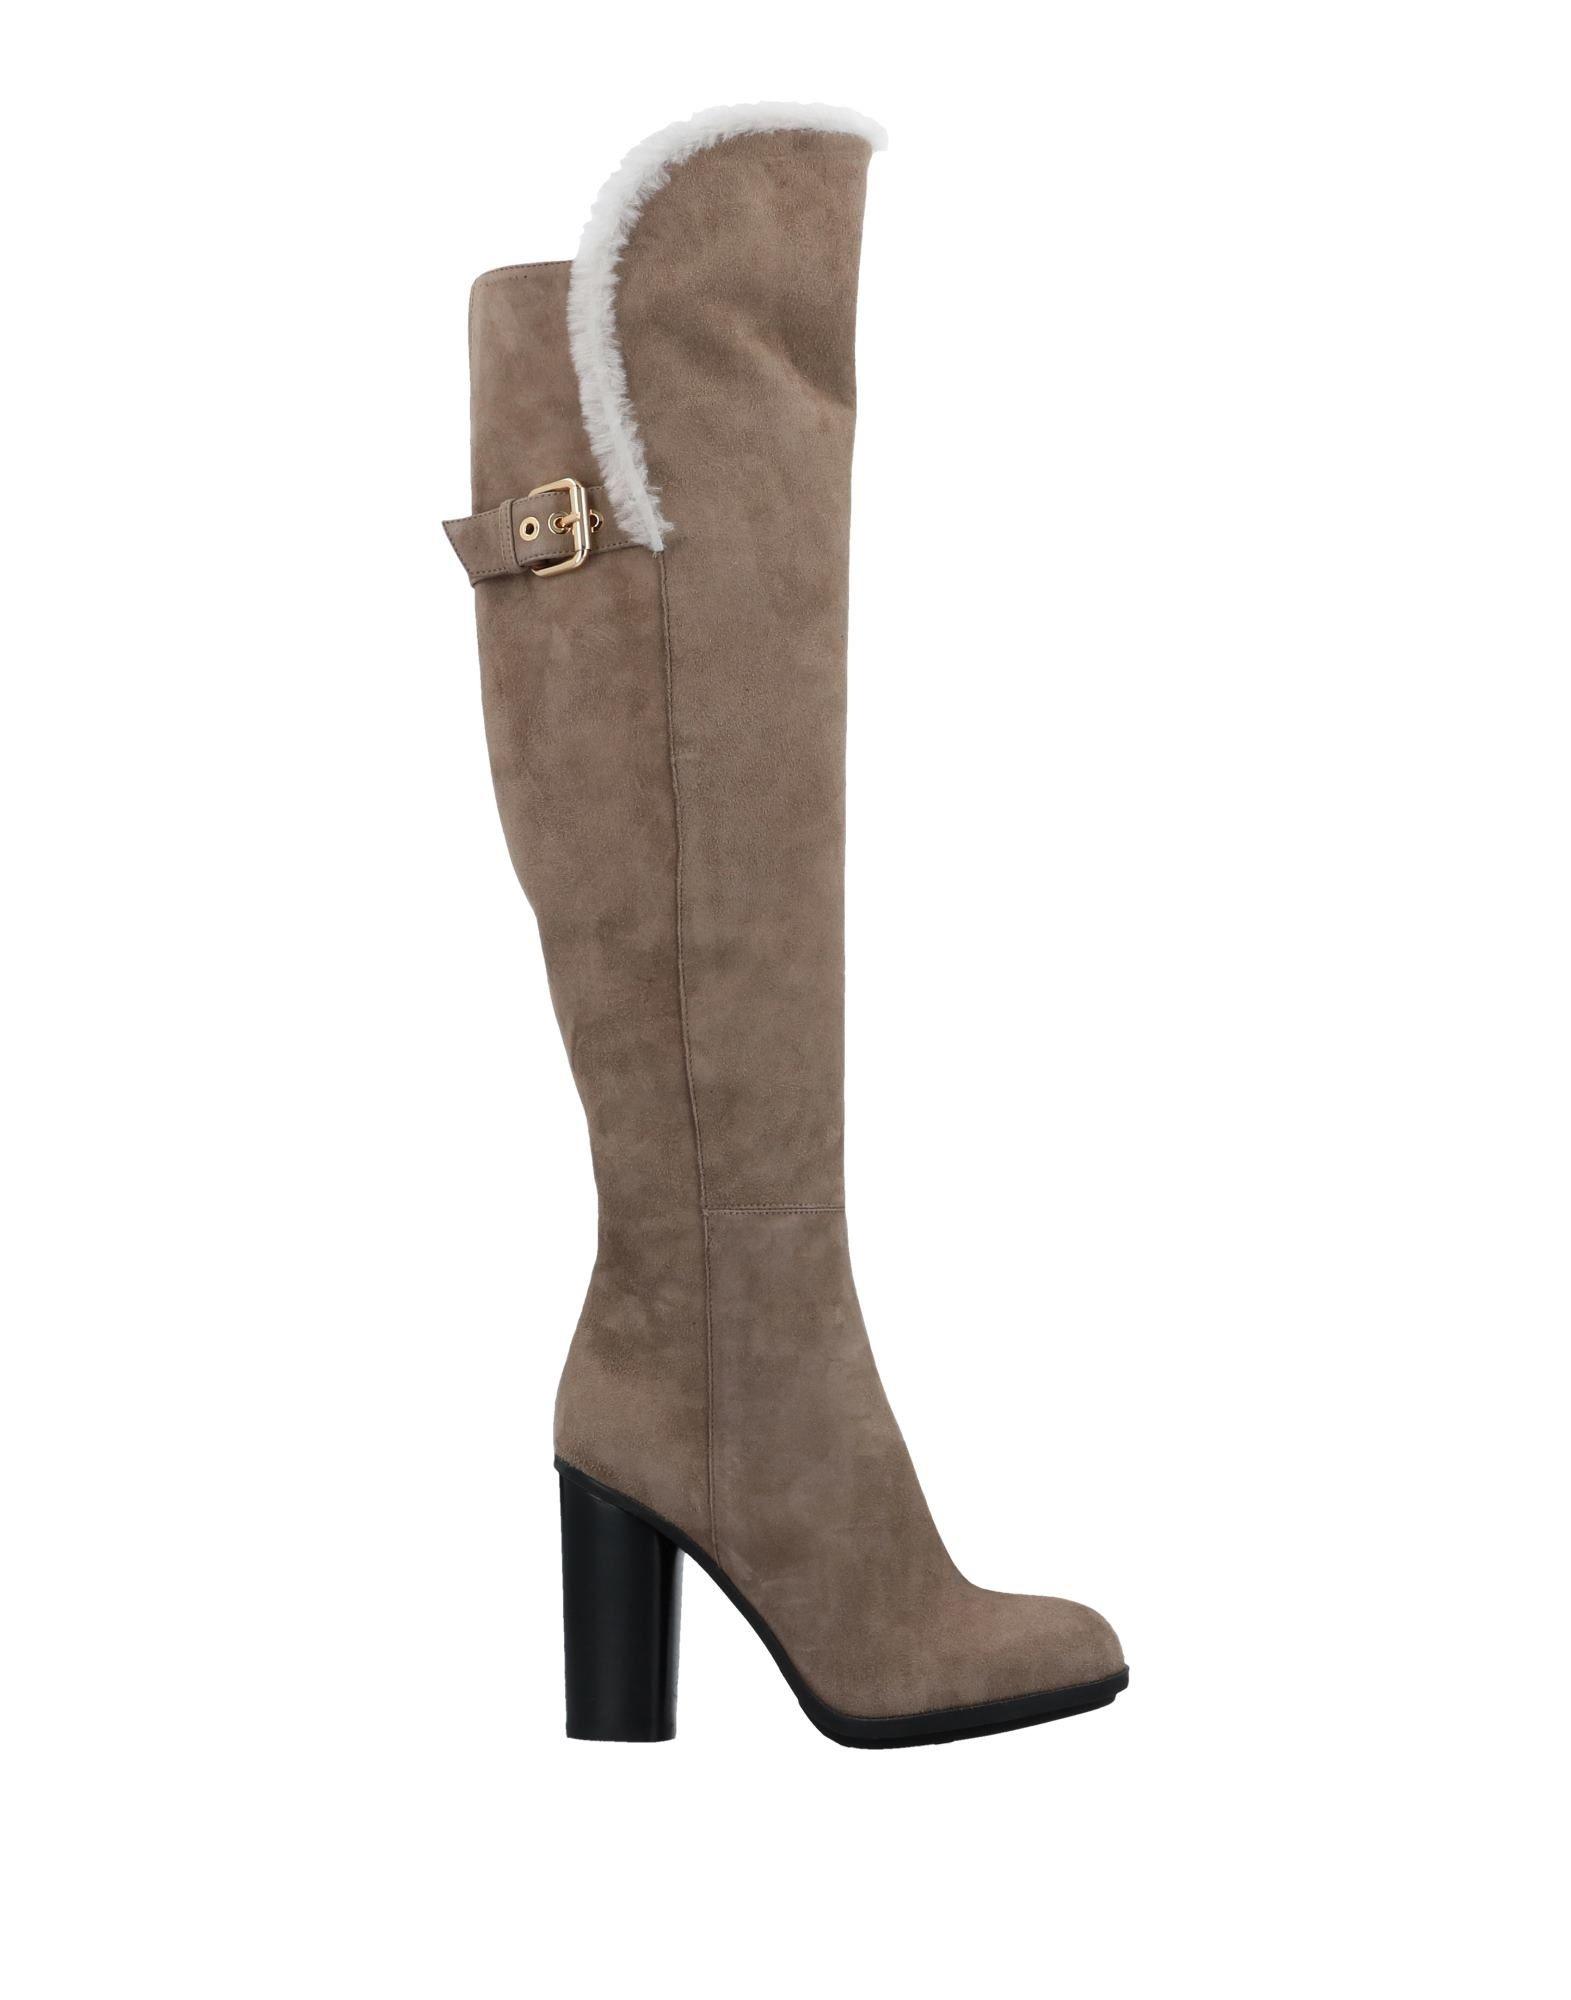 Beige Beige Beige Bota Loriblu Mujer - Botas Loriblu Los zapatos más populares para  hombres  y mujeres c6ec1a